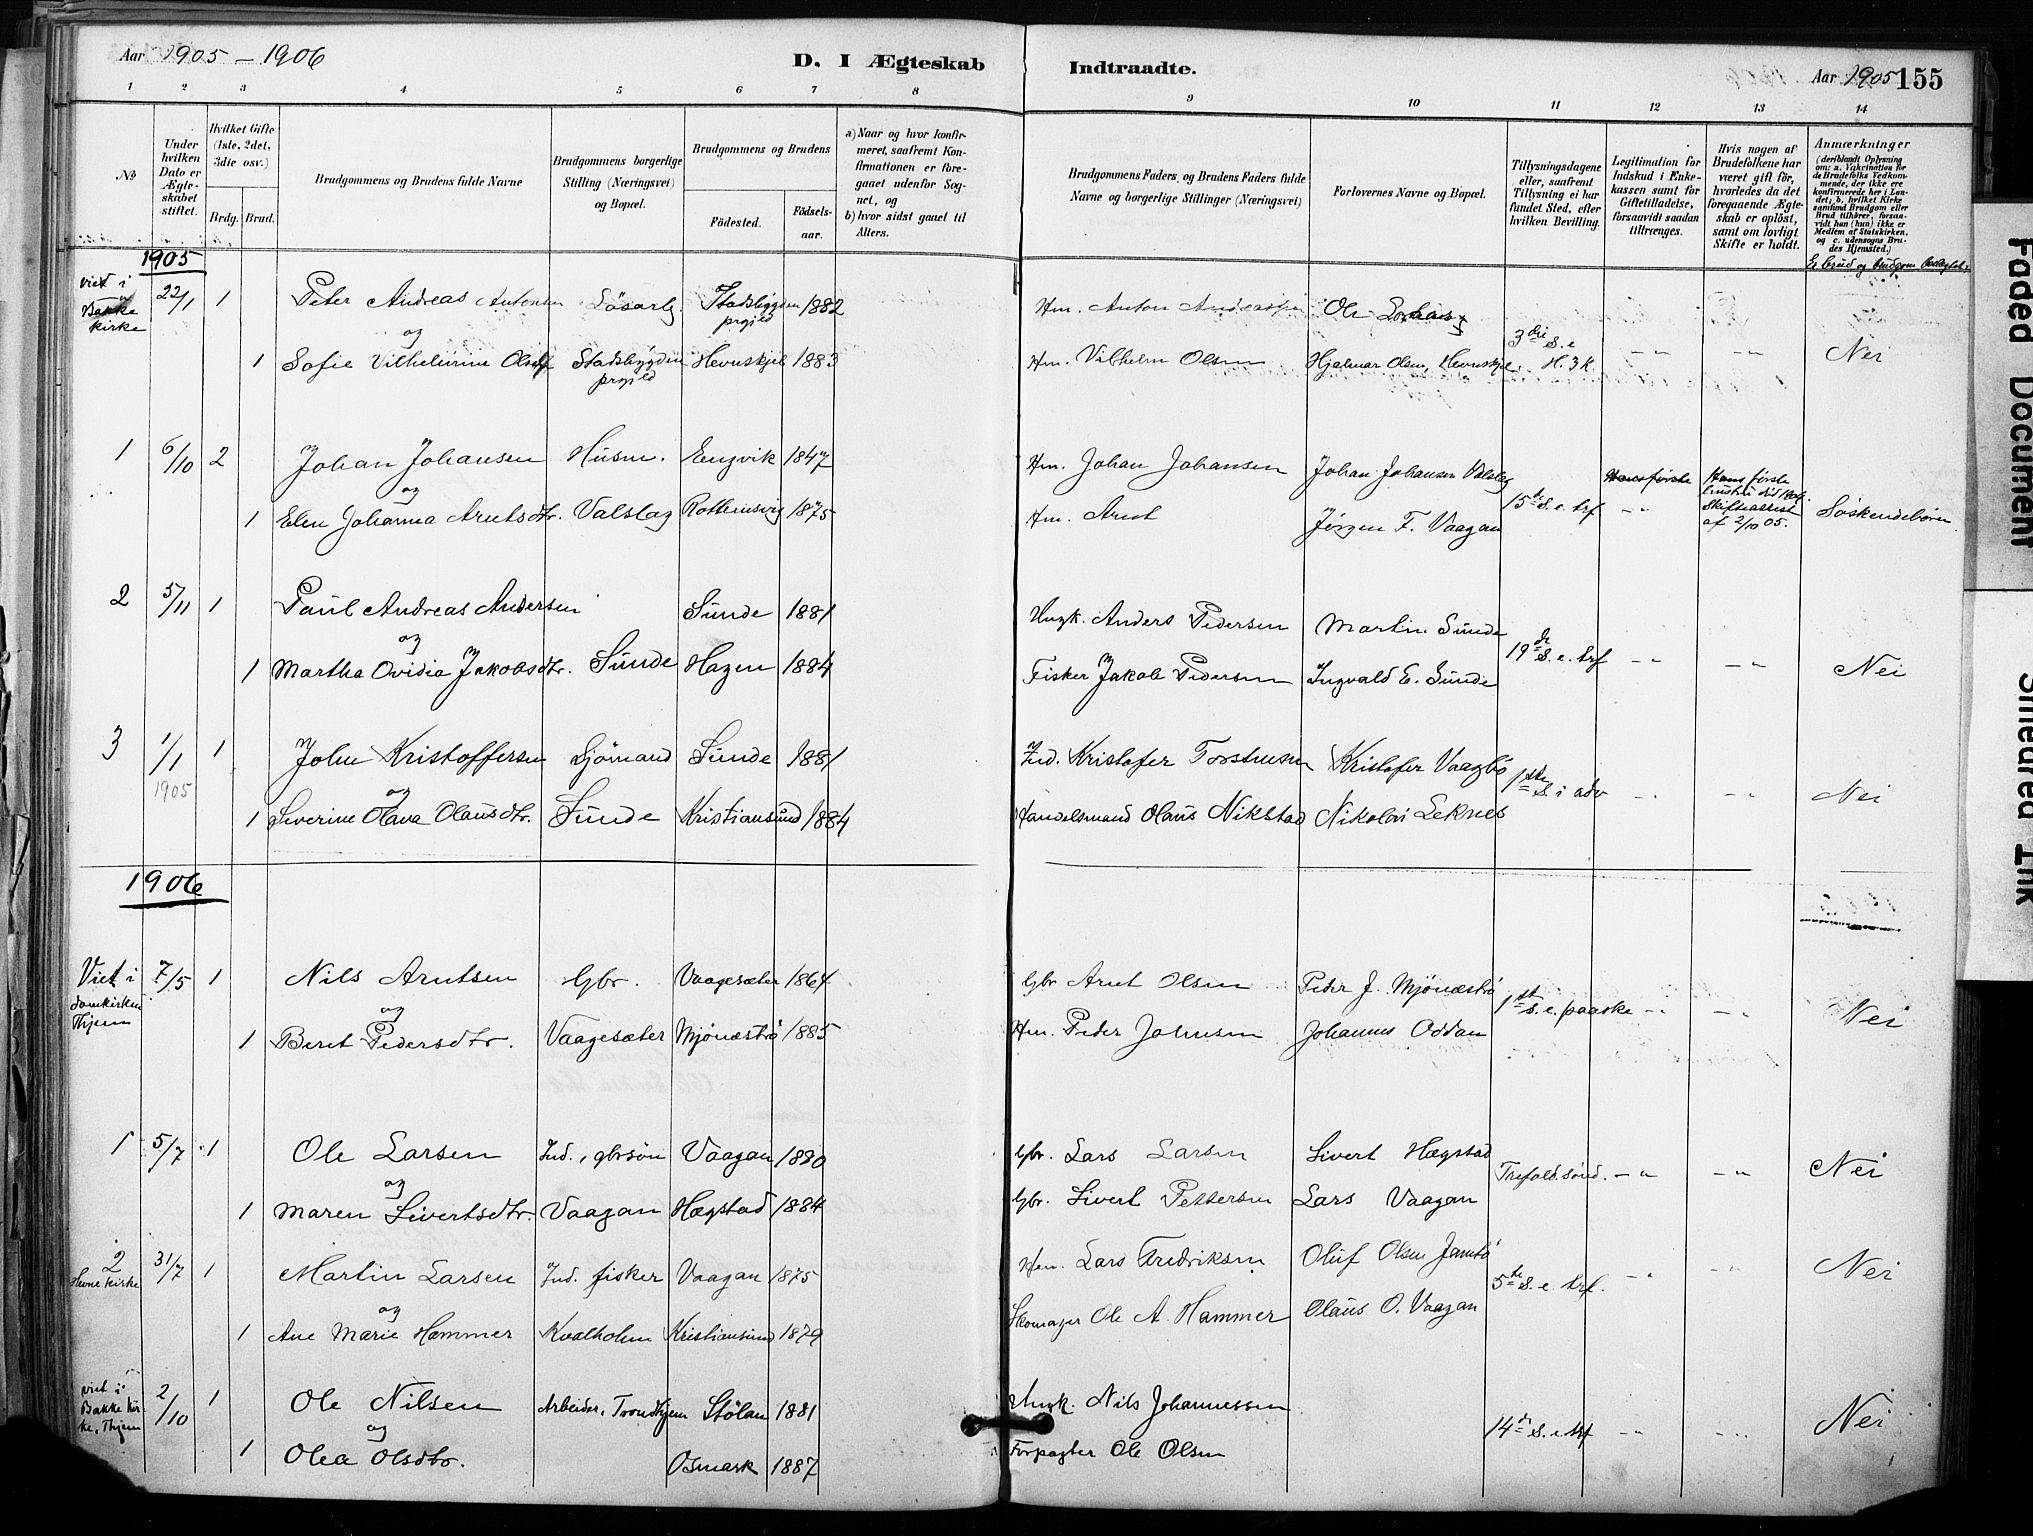 SAT, Ministerialprotokoller, klokkerbøker og fødselsregistre - Sør-Trøndelag, 633/L0518: Ministerialbok nr. 633A01, 1884-1906, s. 155